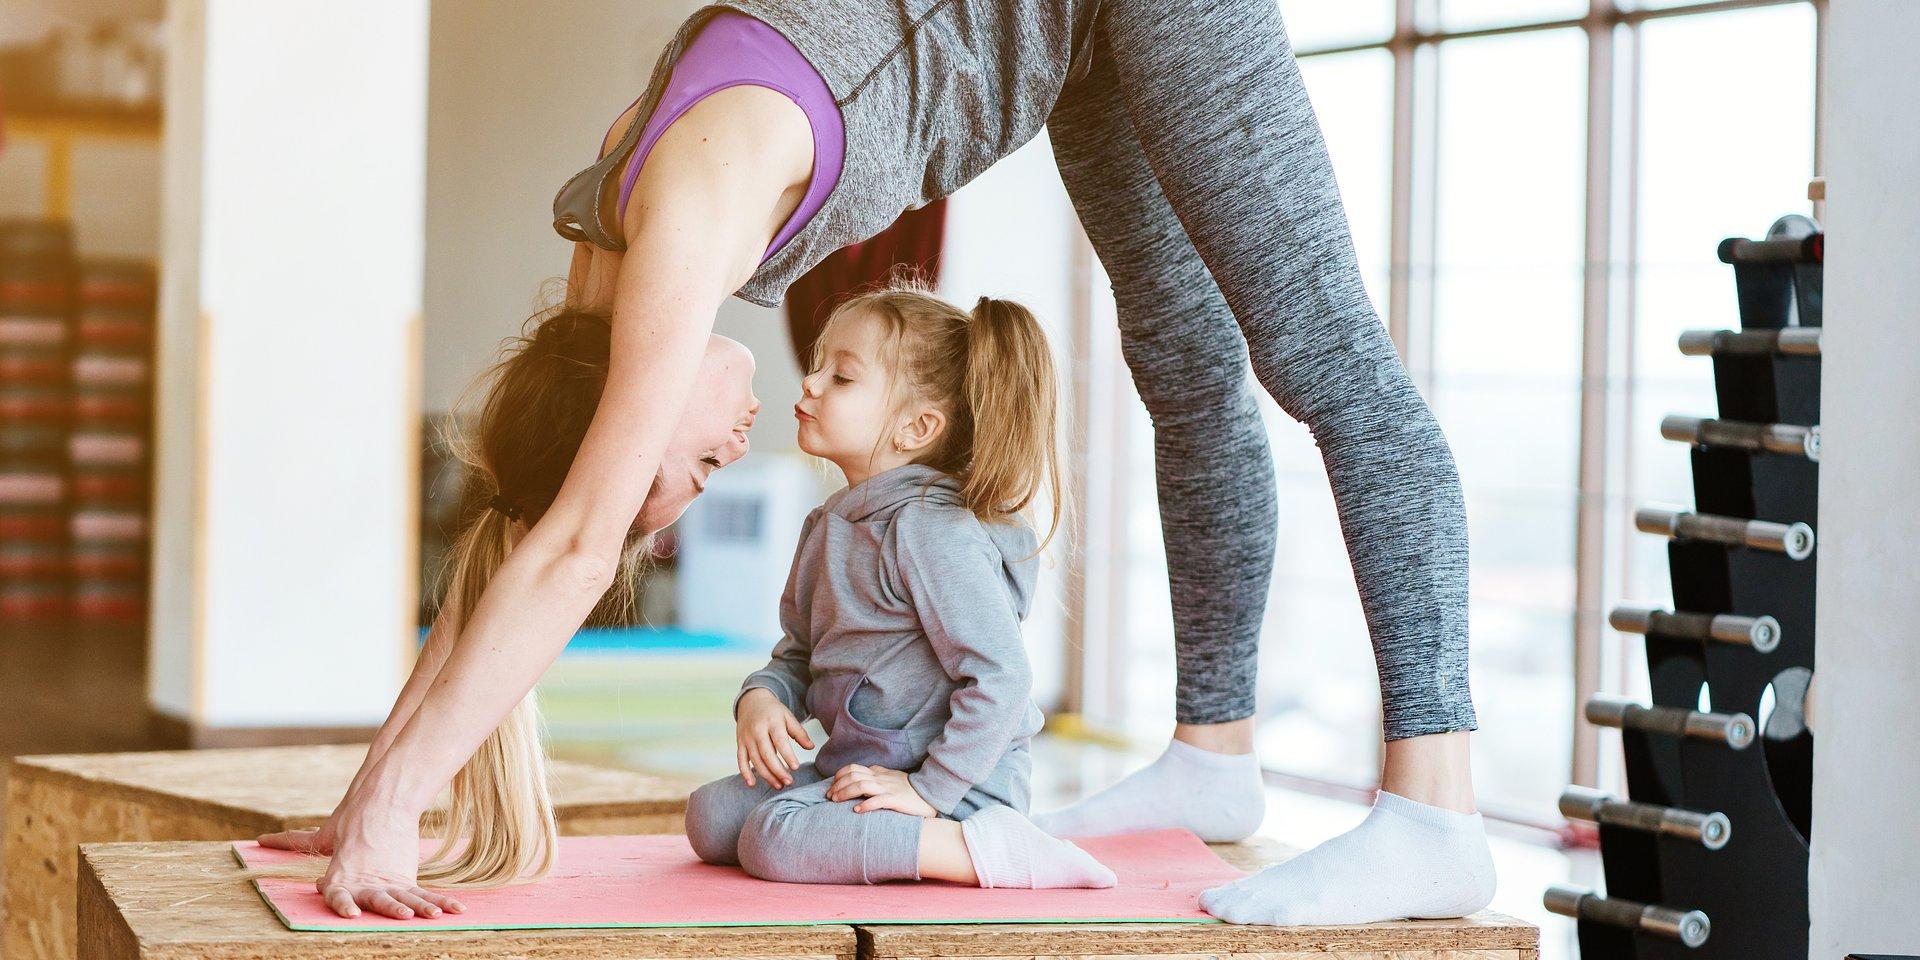 Aż 81 proc. kobiet na urlopie macierzyńskim nie podejmuje żadnej aktywności fizycznej